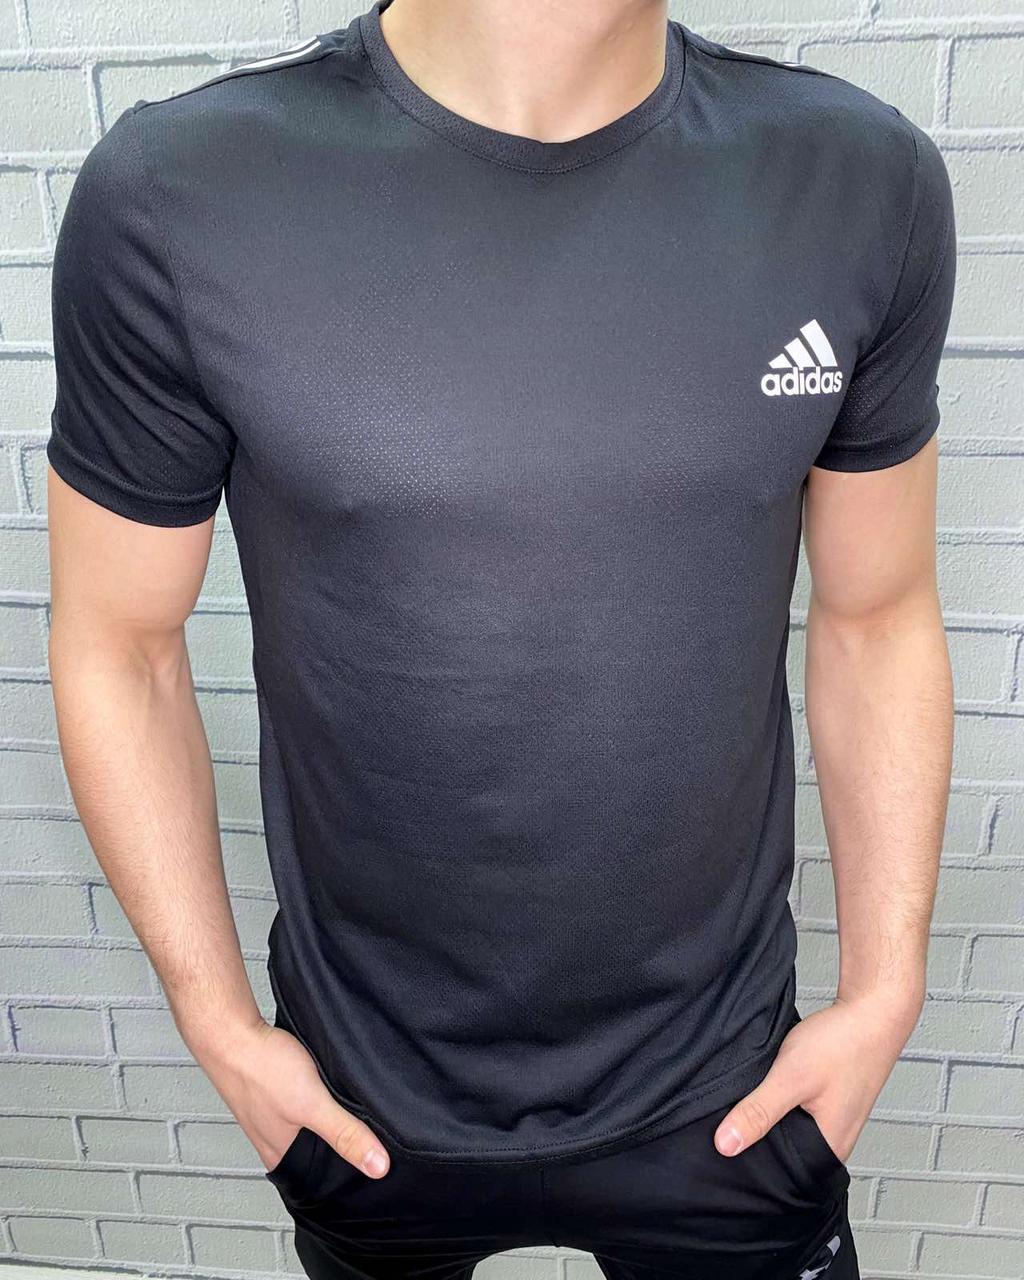 Футболка чоловіча Adidas Чорний Спортивна Стильна Для бігу спорту і прогулянок Для чоловіків